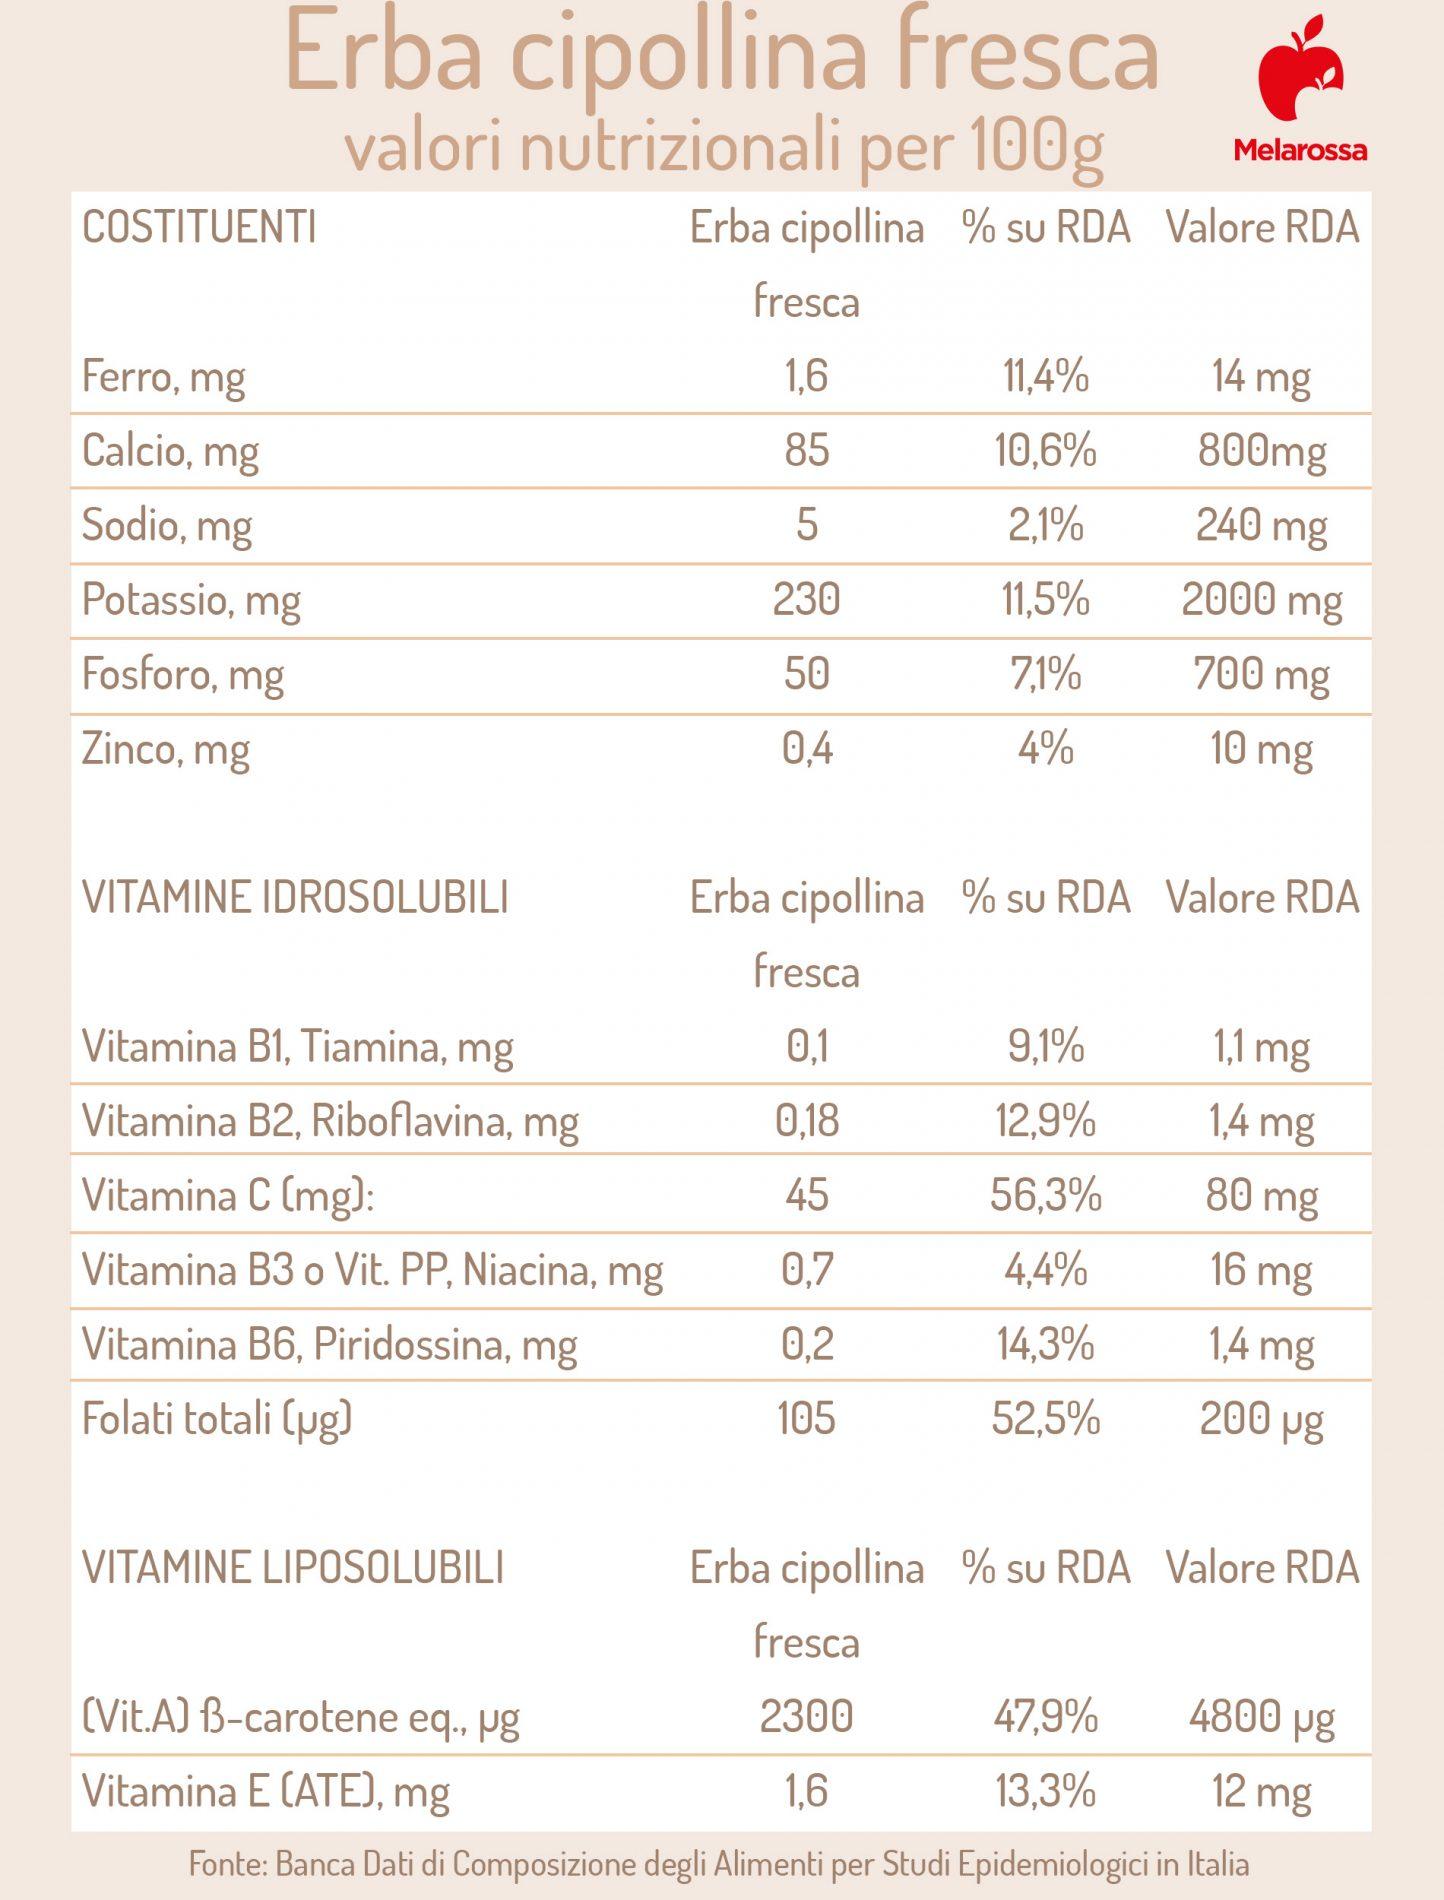 erba cipollina: valori nutrizionali